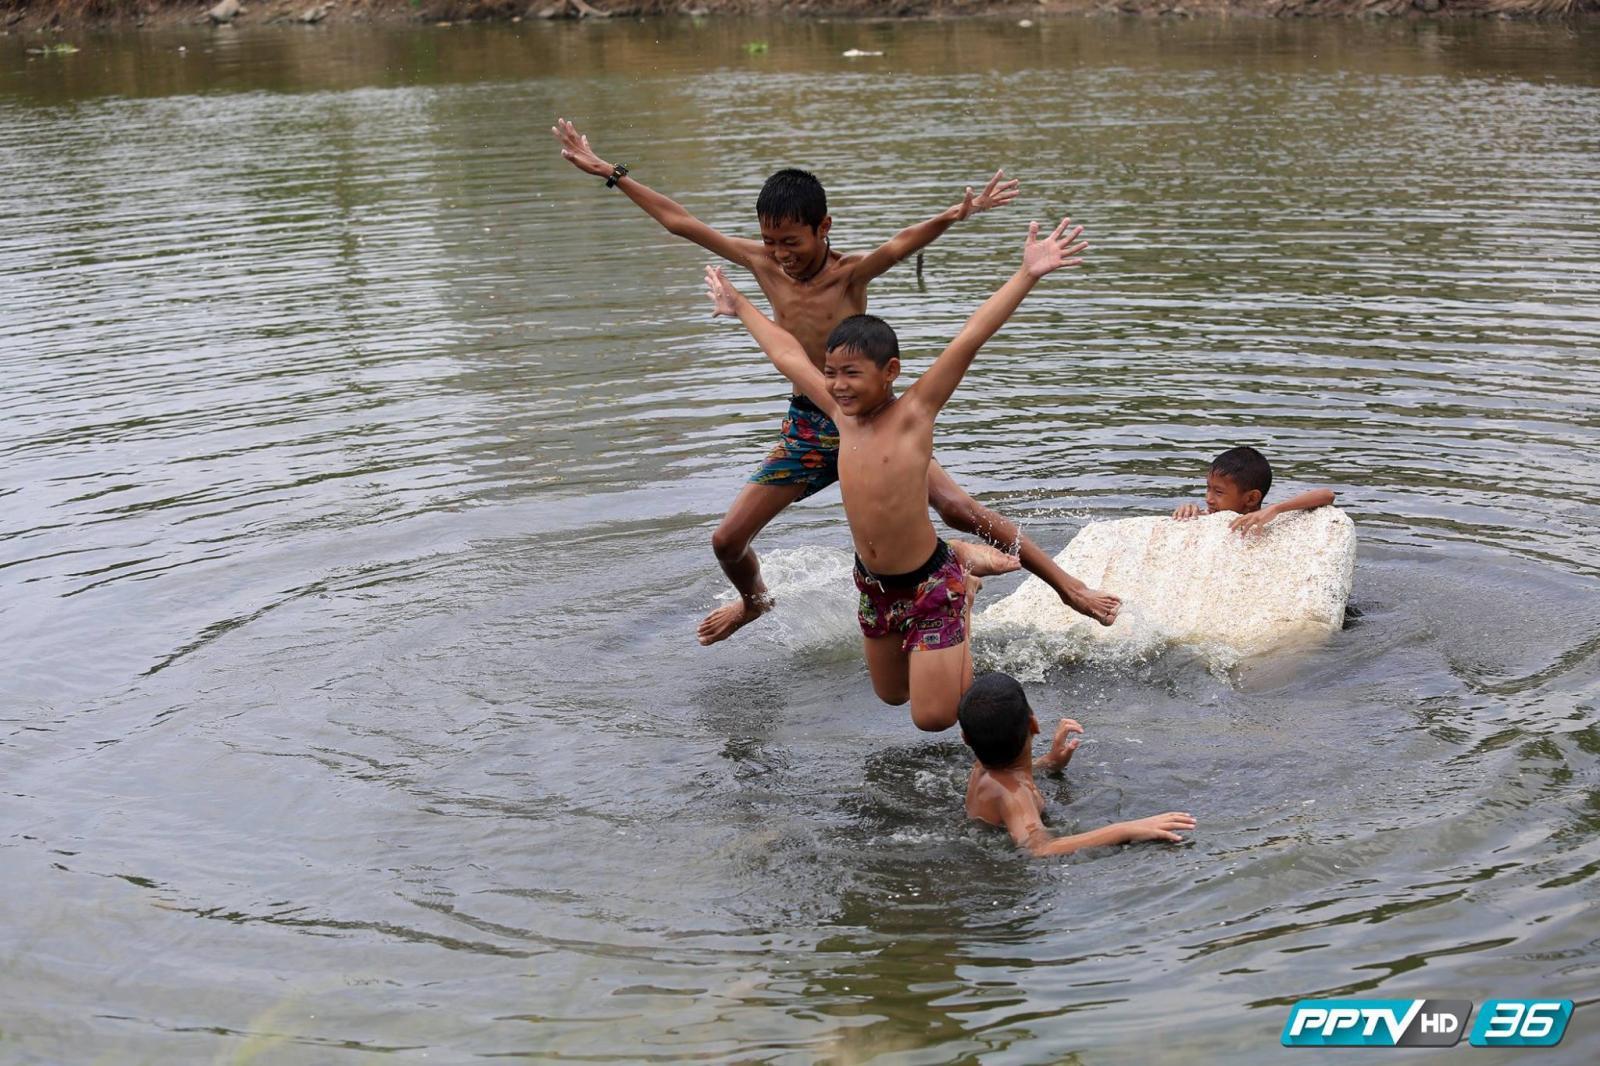 """เตือนผู้ปกครอง """"ระวังเด็กจมน้ำ"""" สถิติปิดเทอมเดือนแรก เสียชีวิตแล้ว 31 ราย"""